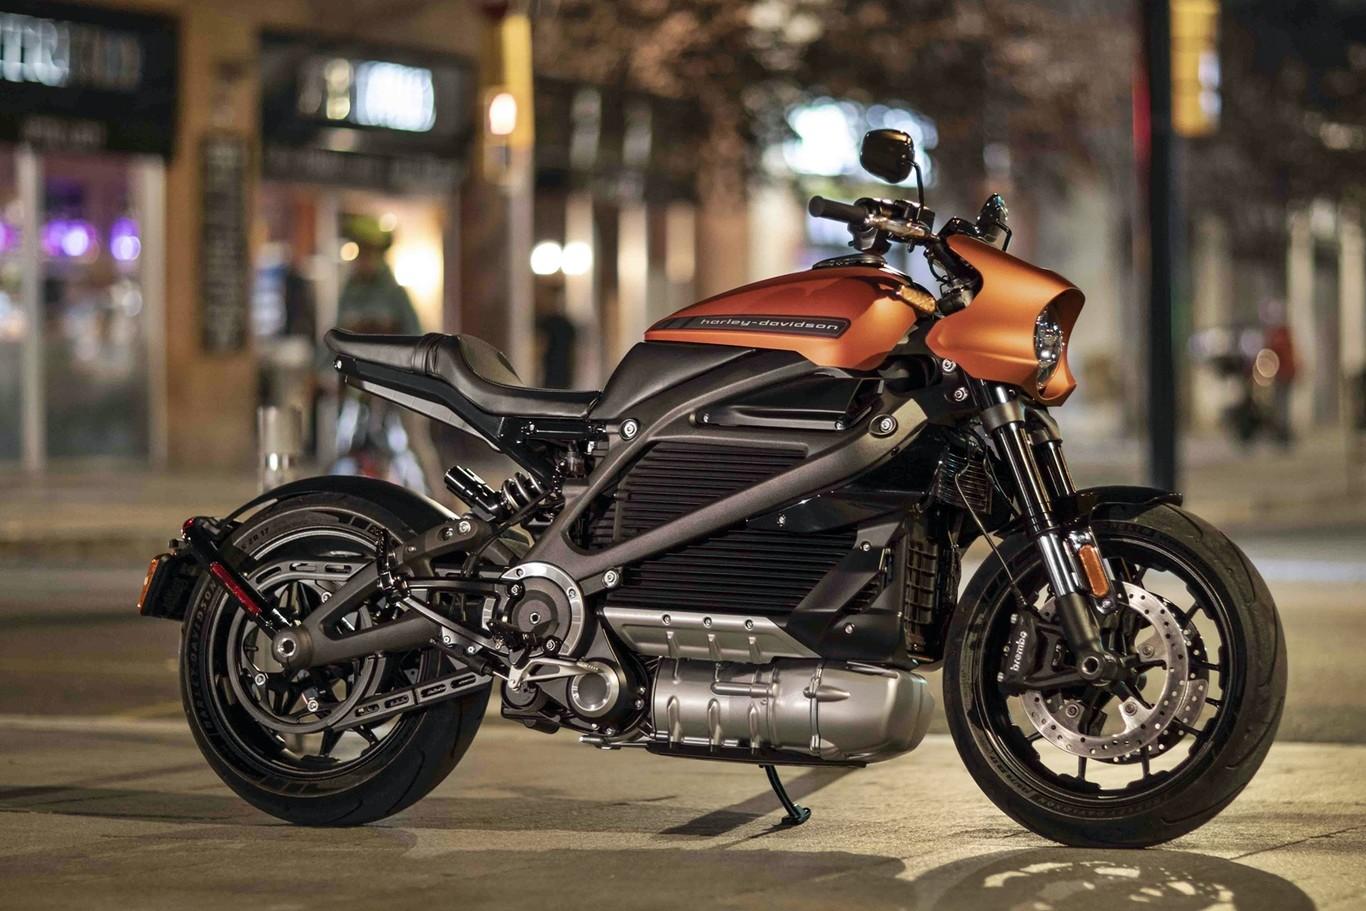 🏍 Especificaciones de la moto Harley-Davidson LiveWire 2019 que electrificará a los fanáticos del fabricante [+Video]